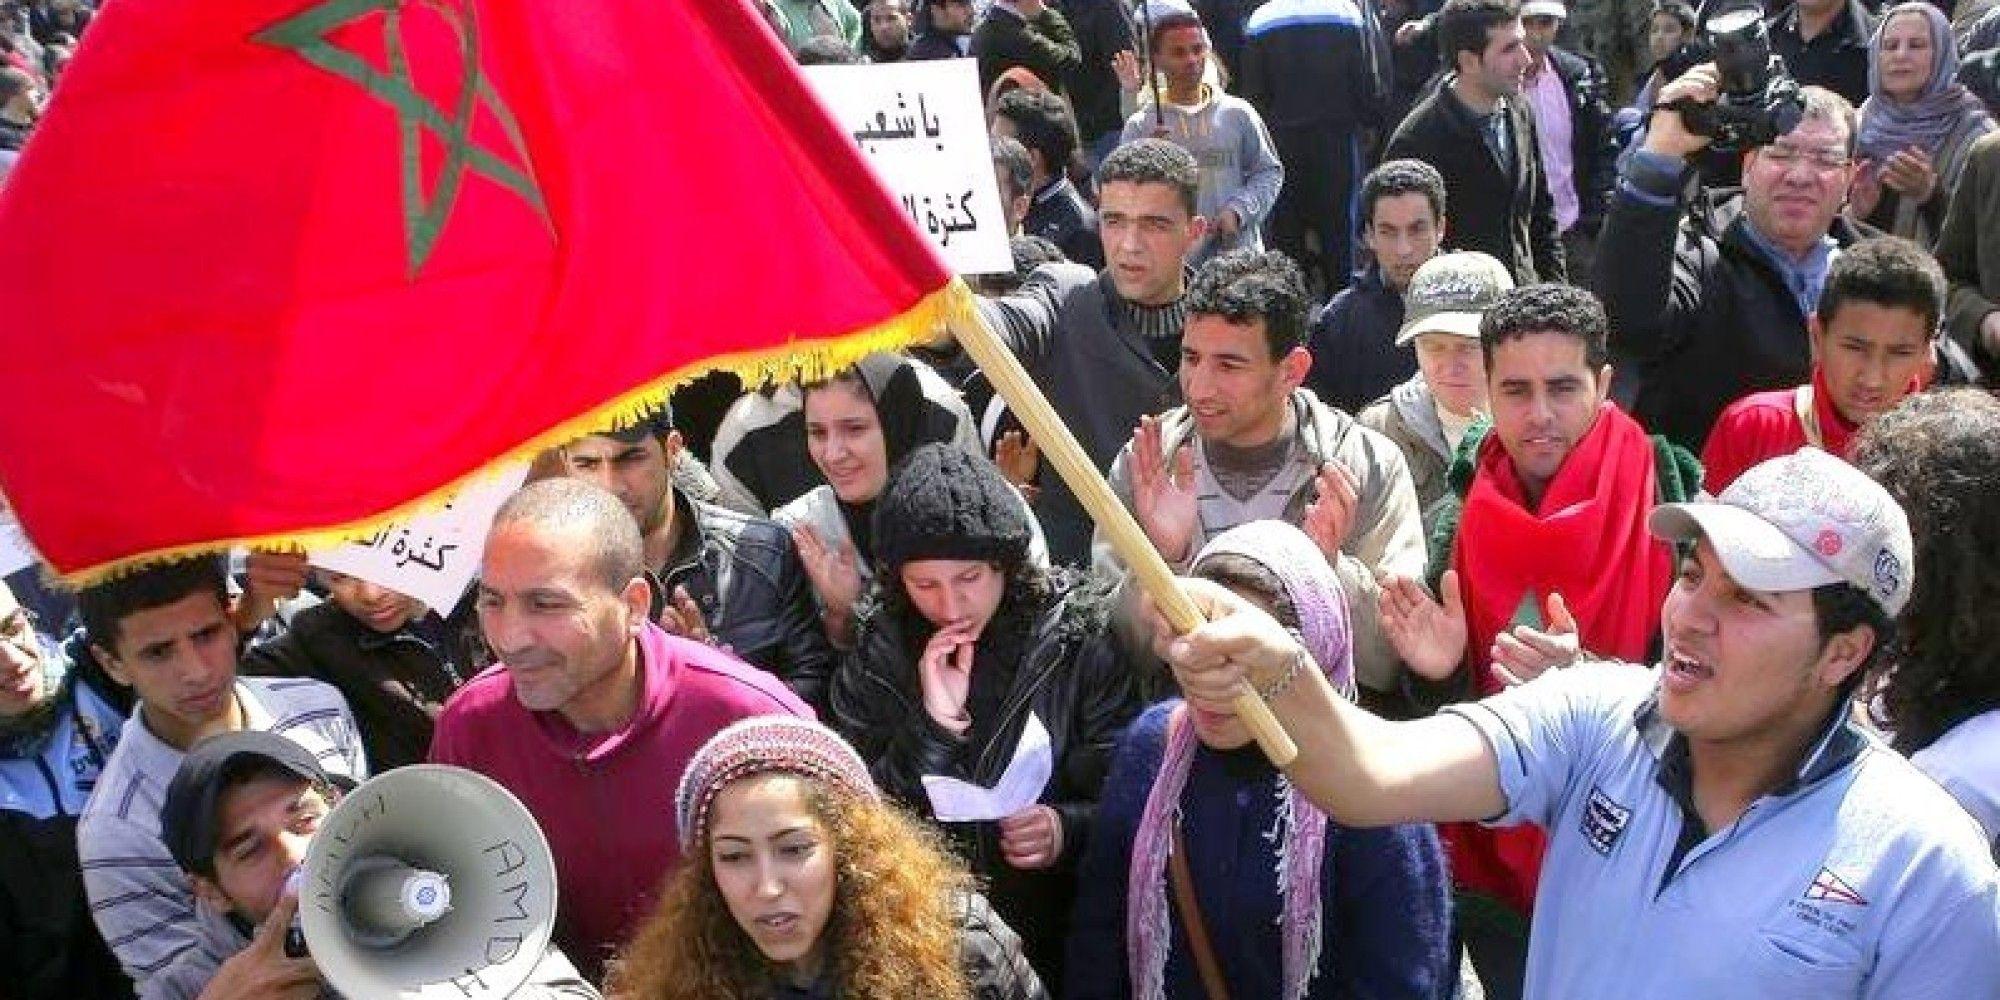 المغرب في رتبة متدنية في المشاركة السياسية للشباب